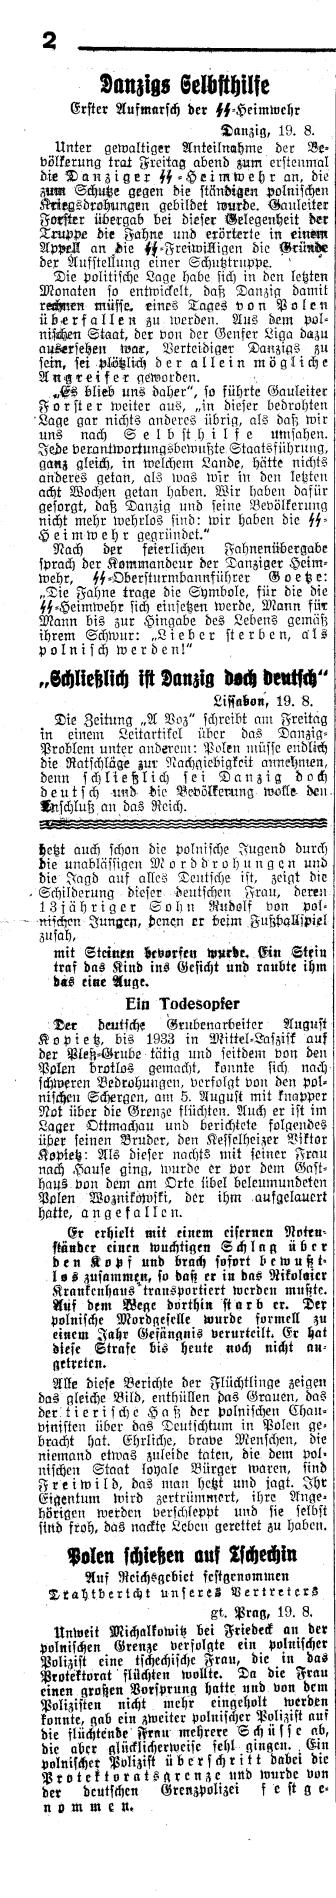 Wiener Neueste Nachrichten, 19. August 1939, S.2.png